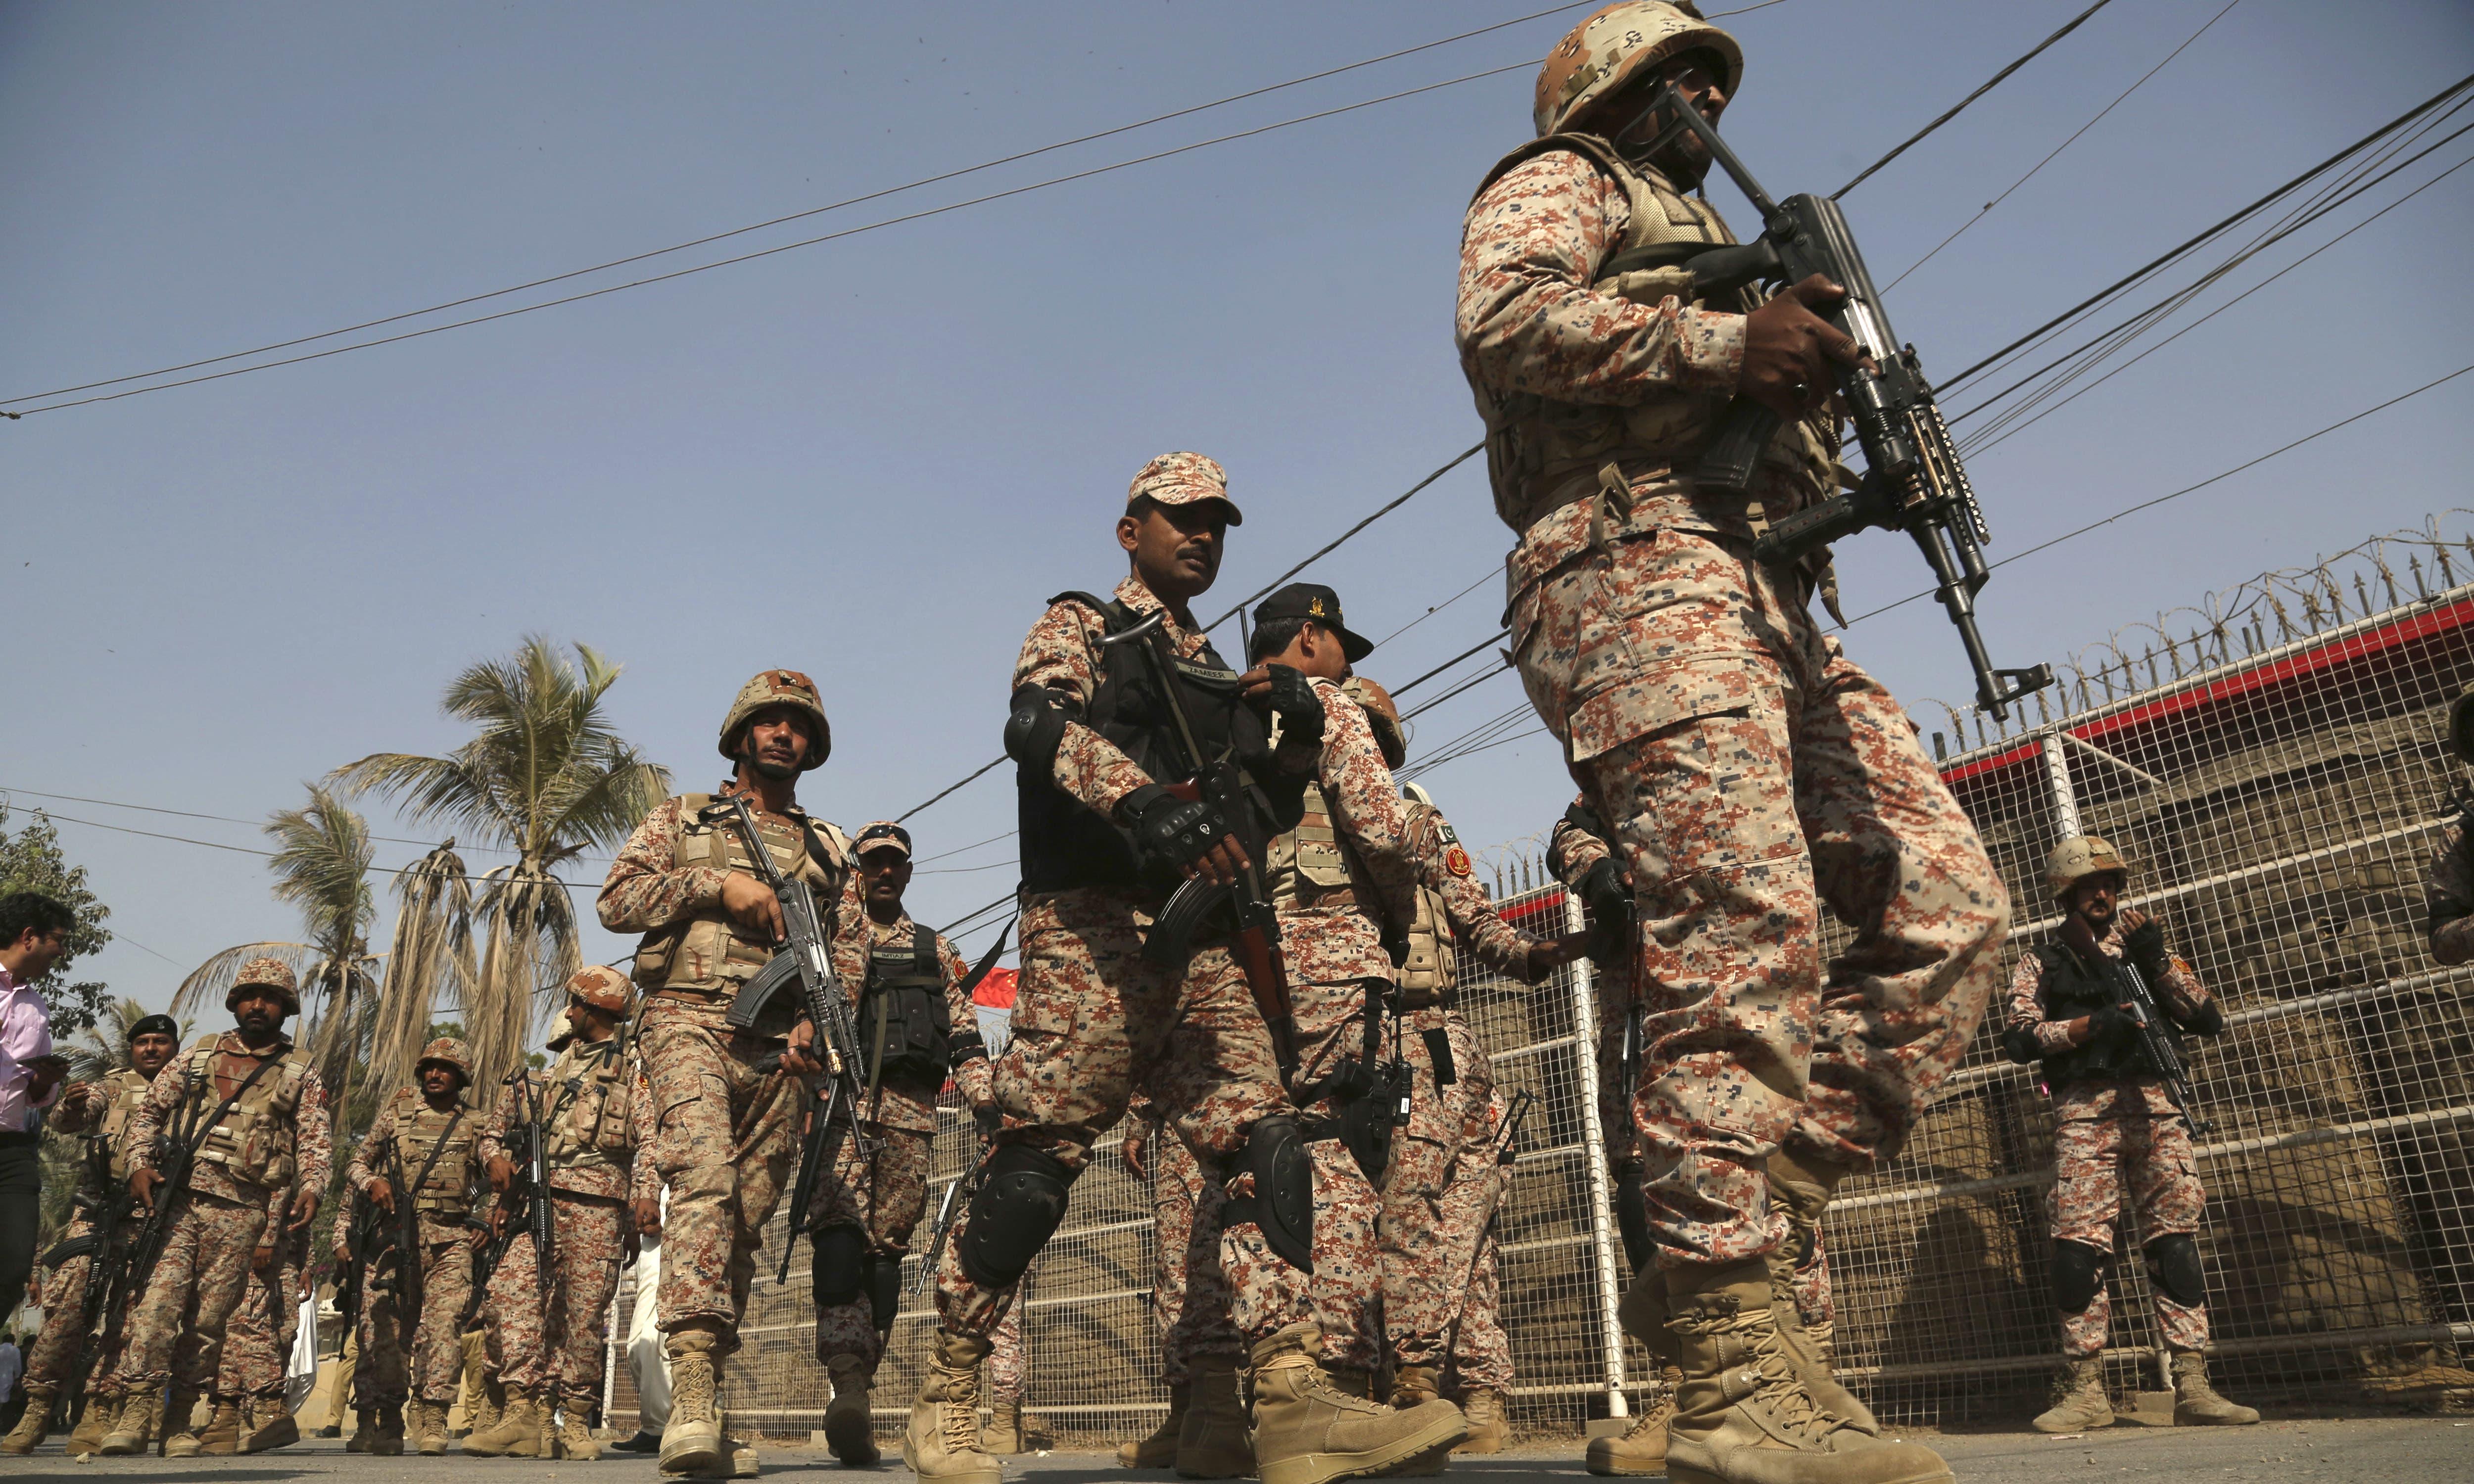 پولیس اور رینجرز کی بروقت  کارروائی نے دہشت گردوں کے عزائم خاک میں ملا دیئے —فوٹو/ اے پی